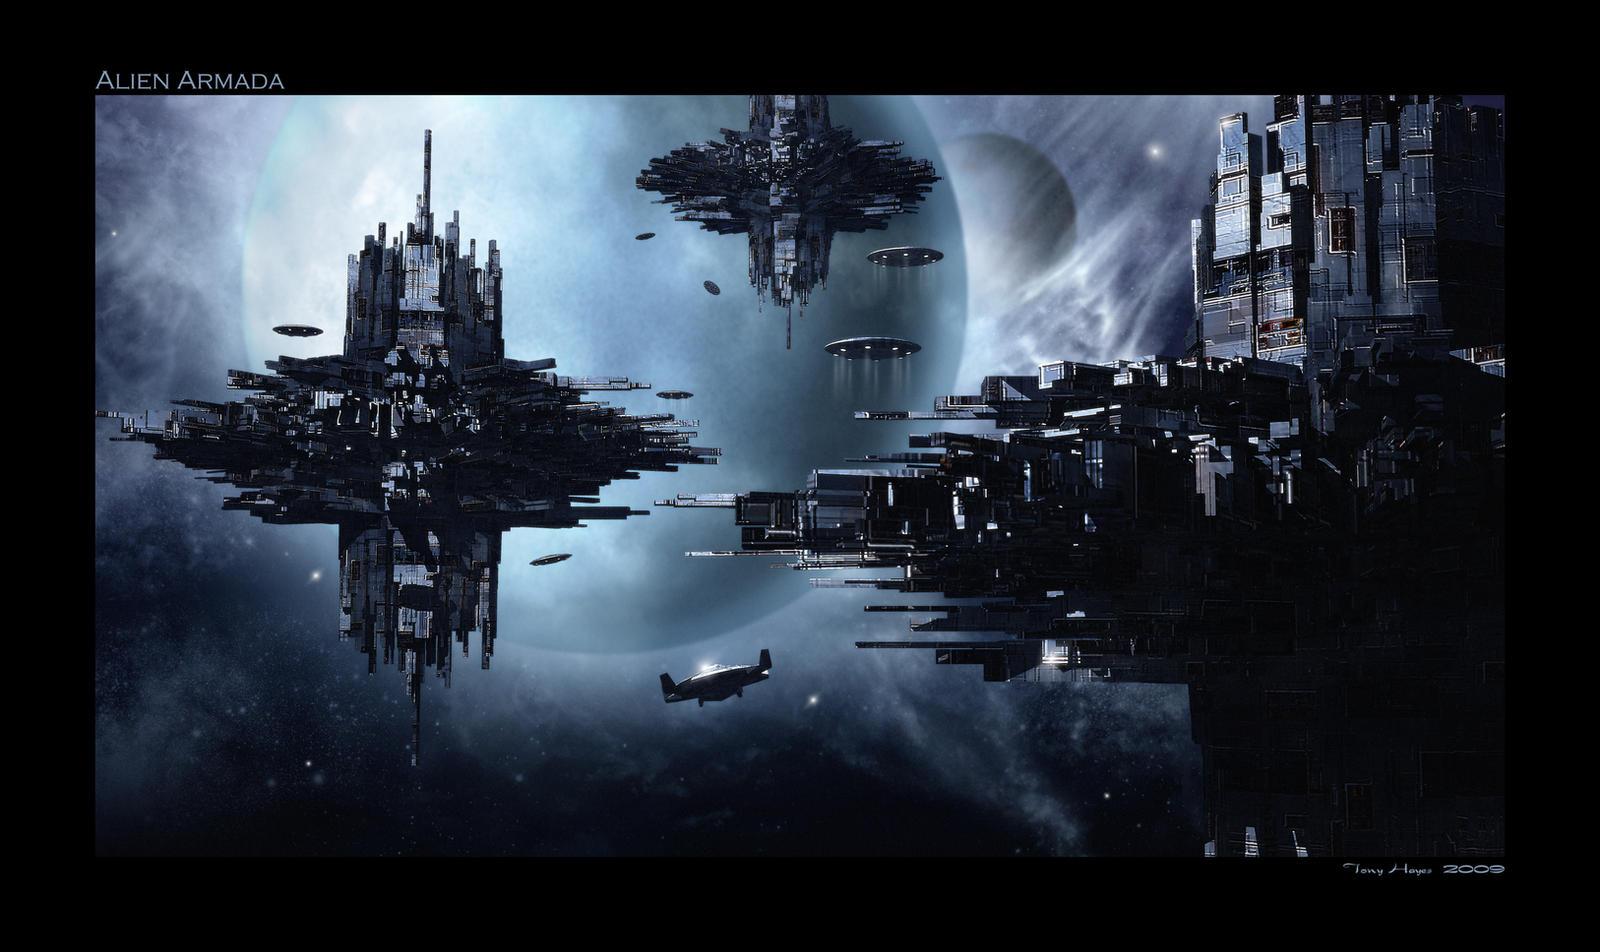 Alien Armada by Bogwoppet